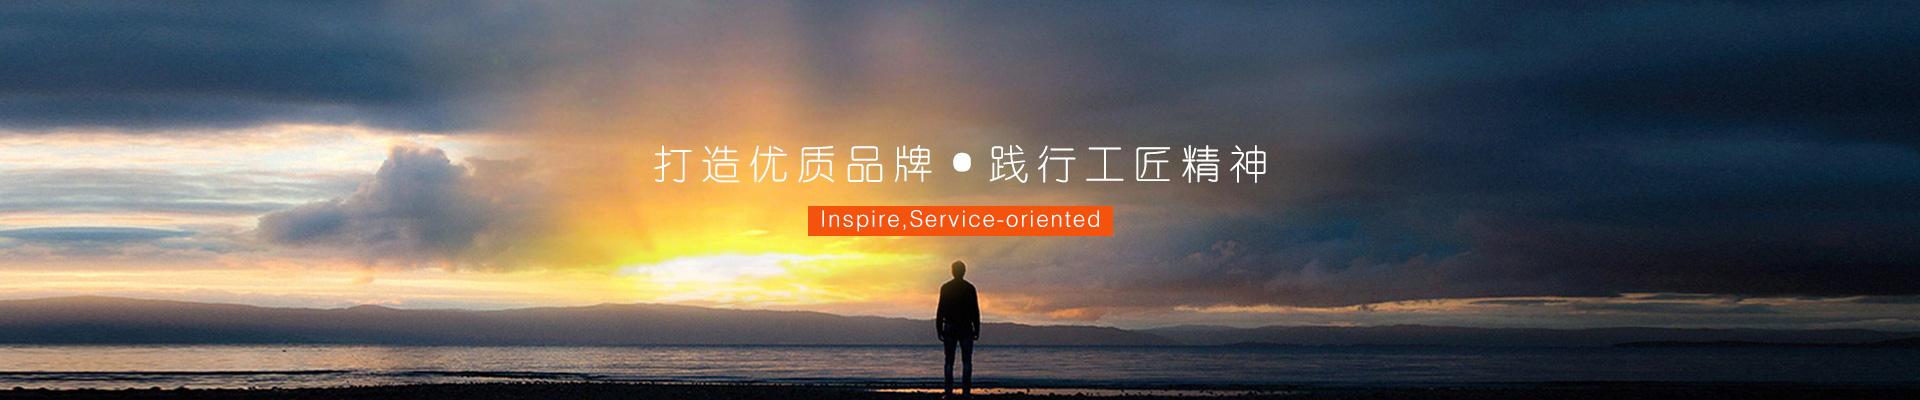 昆山花桥加速申办公司营业执照,公司营业执照